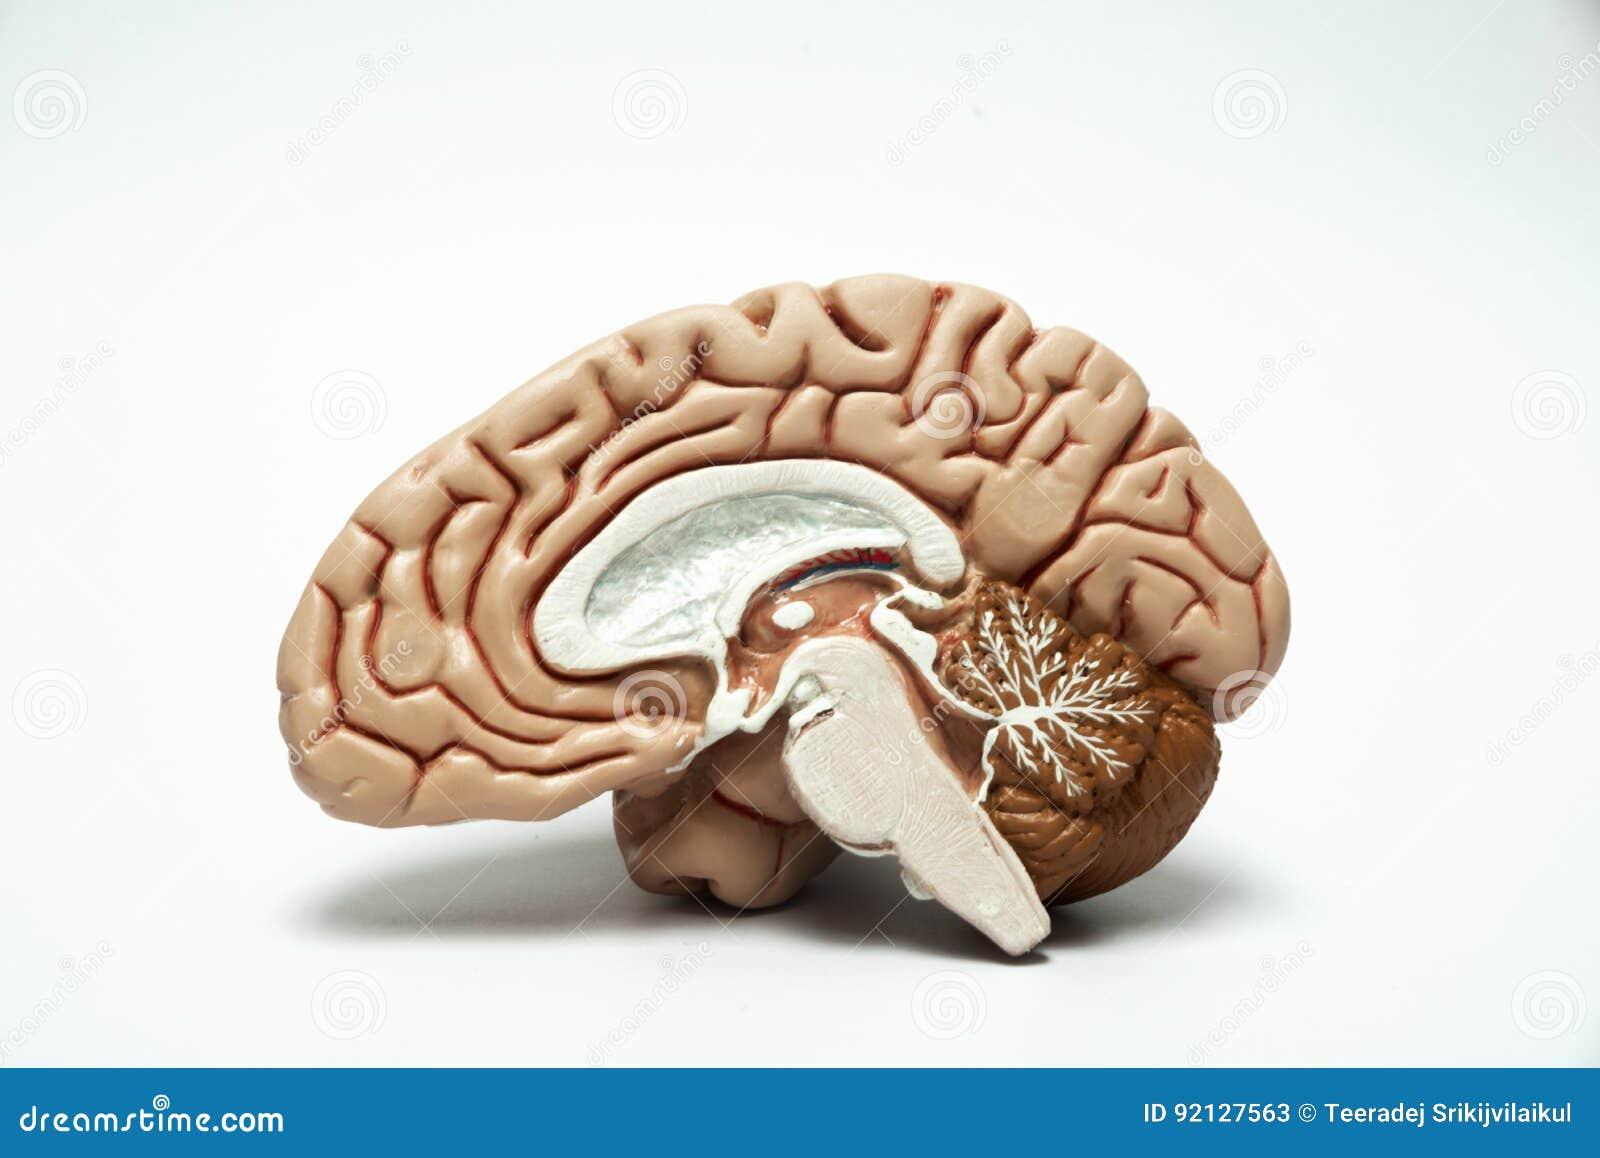 Artificial Human Brain Model Stock Image - Image of cerebrum, organ ...